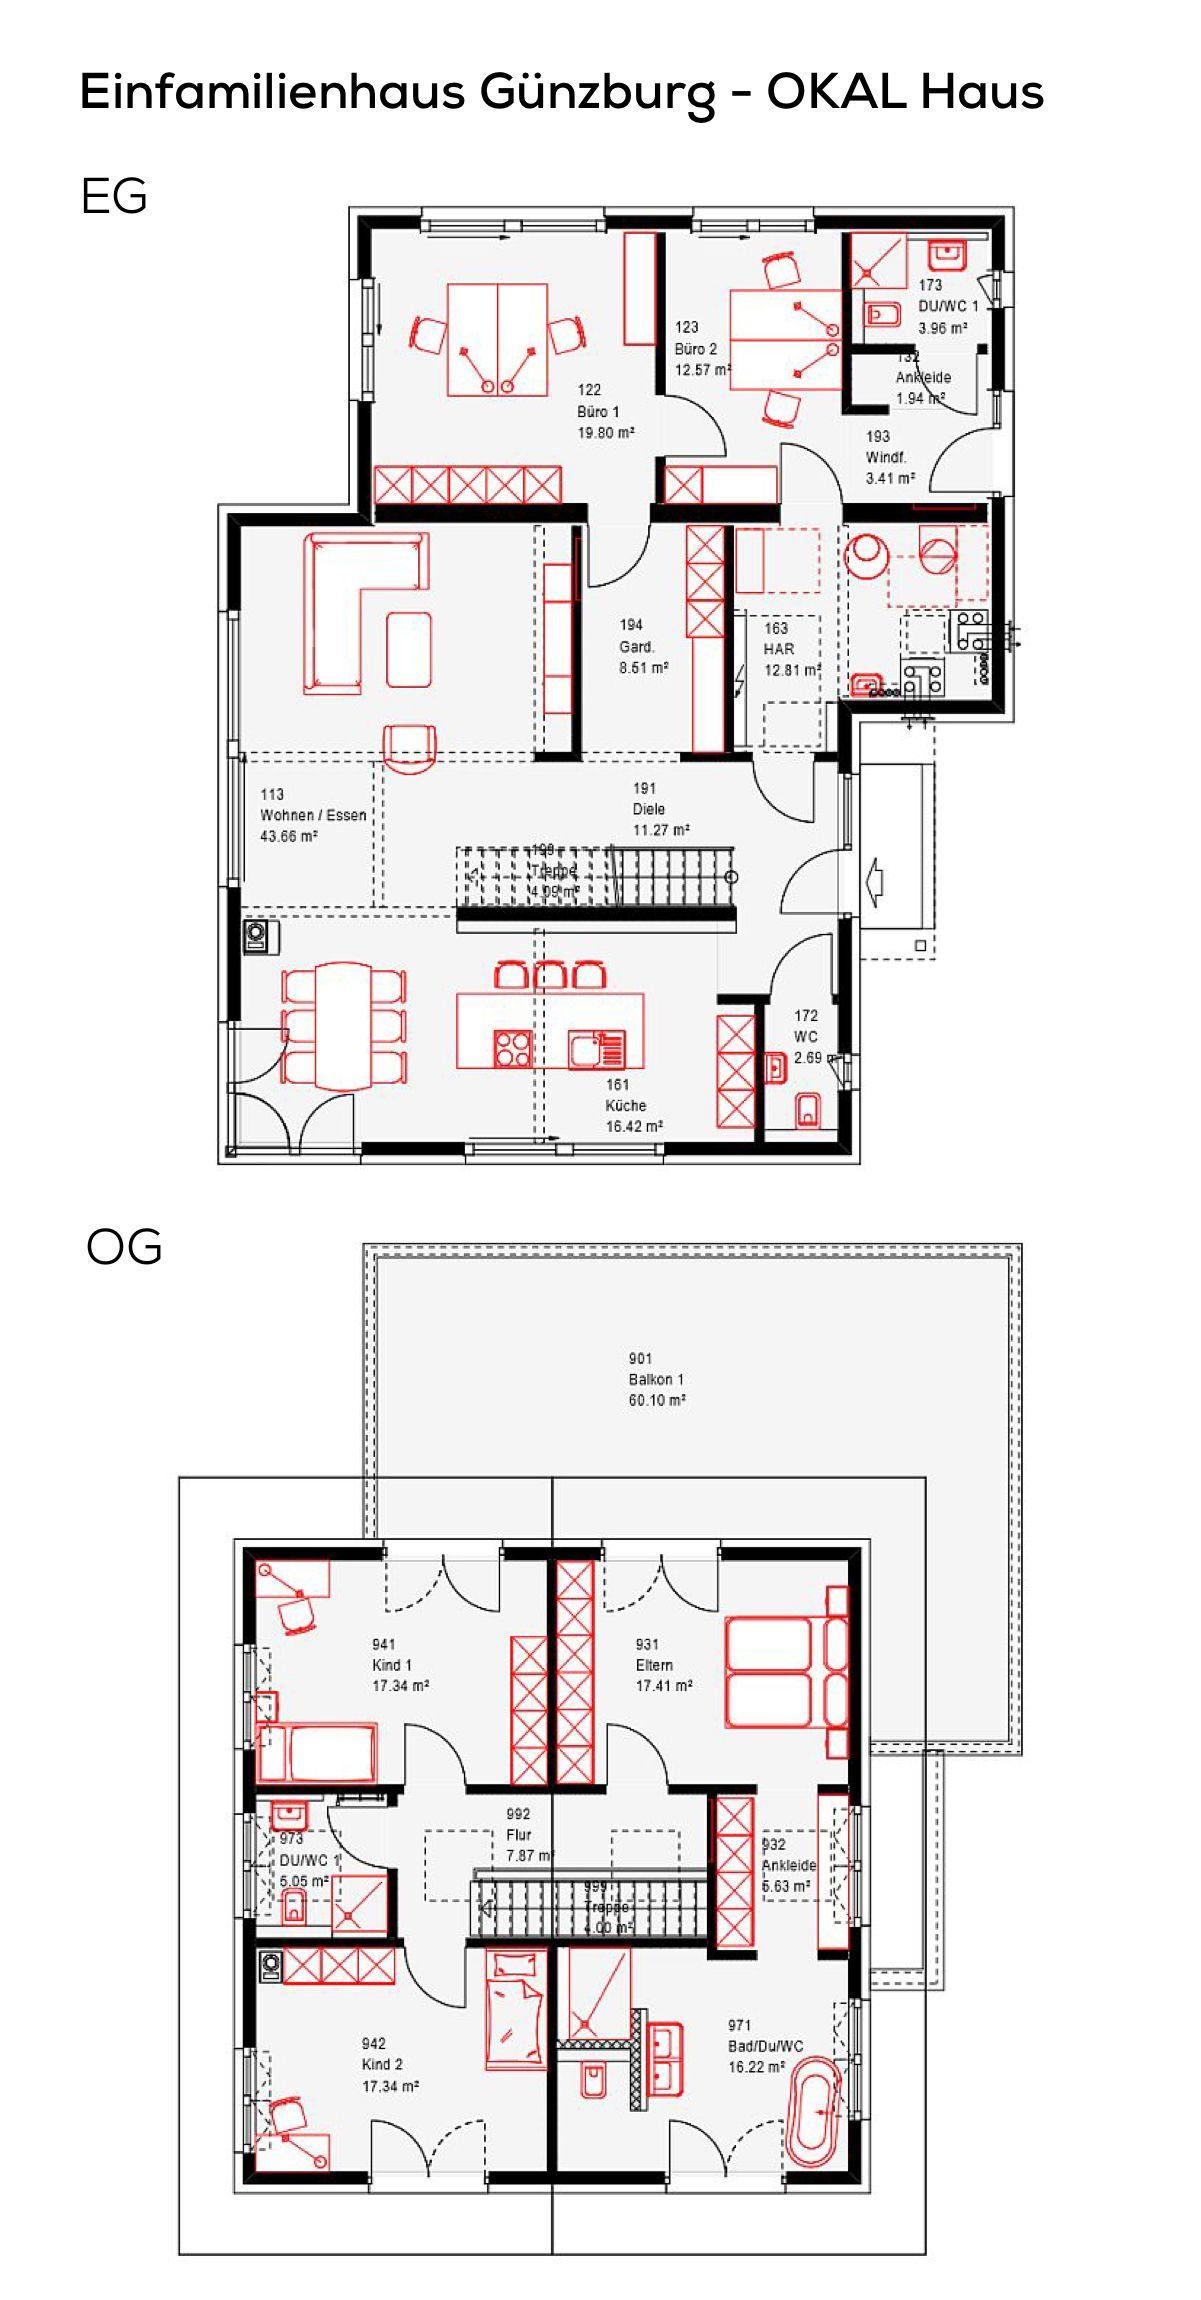 Grundriss Einfamilienhaus Mit Buro Anbau Einliegerwohnung 6